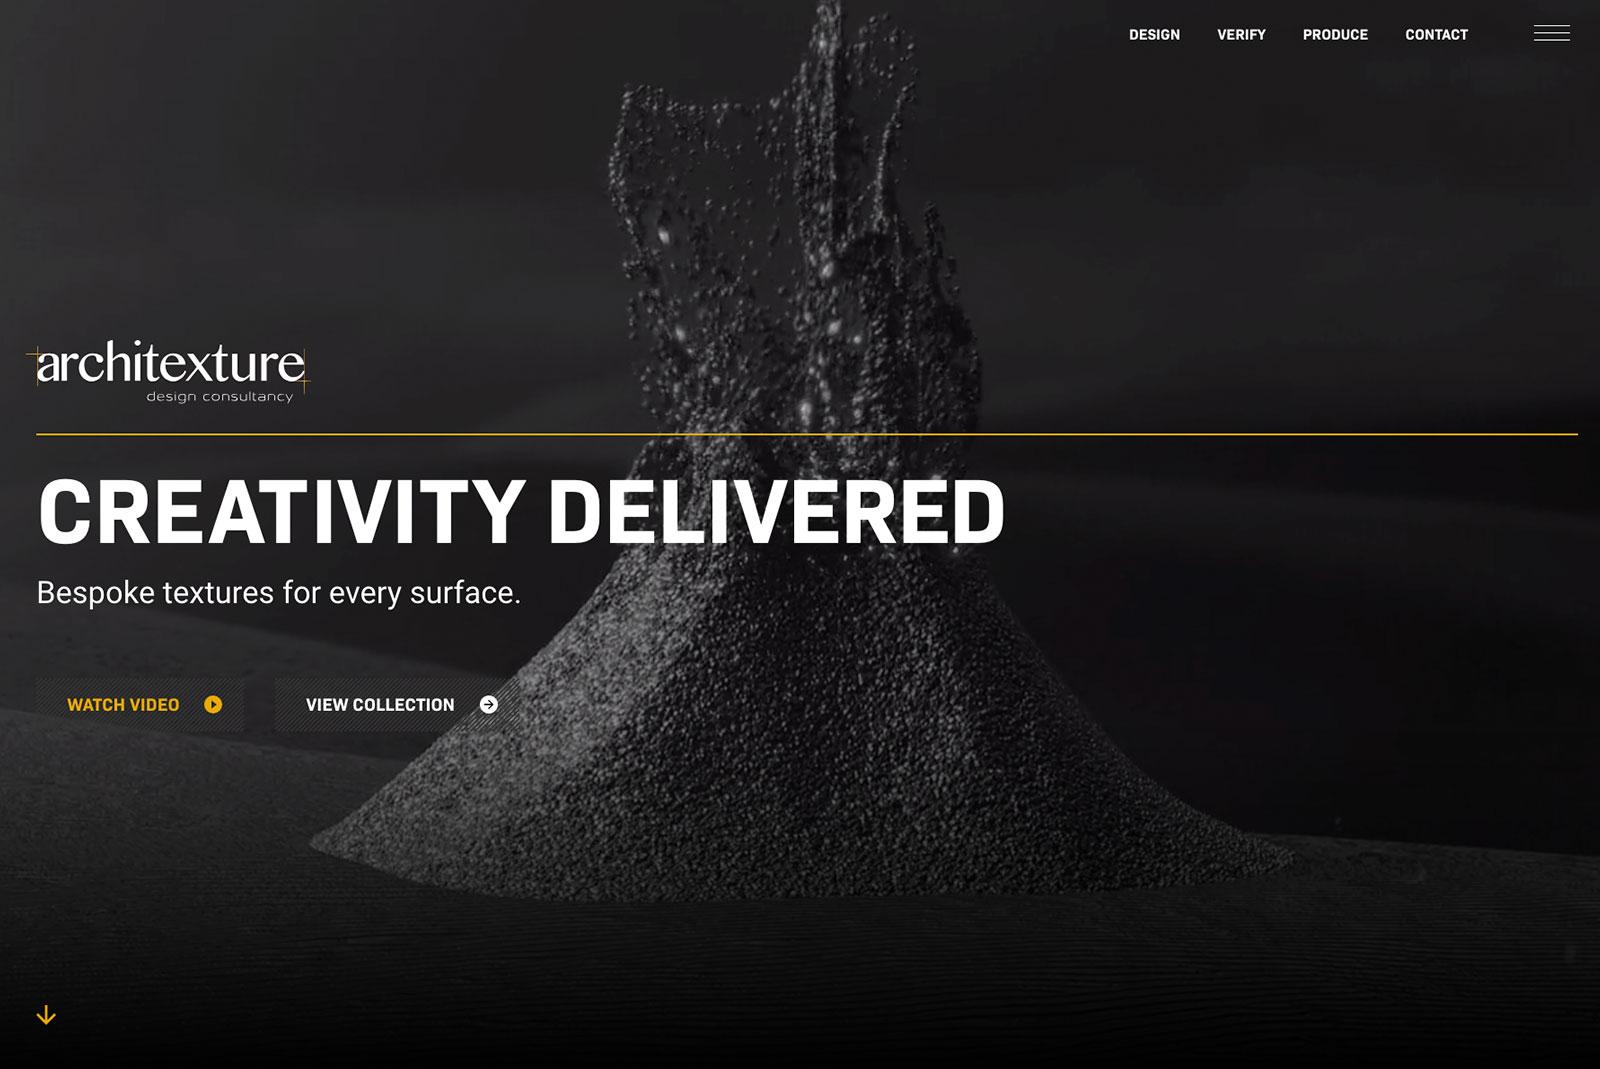 architexture website